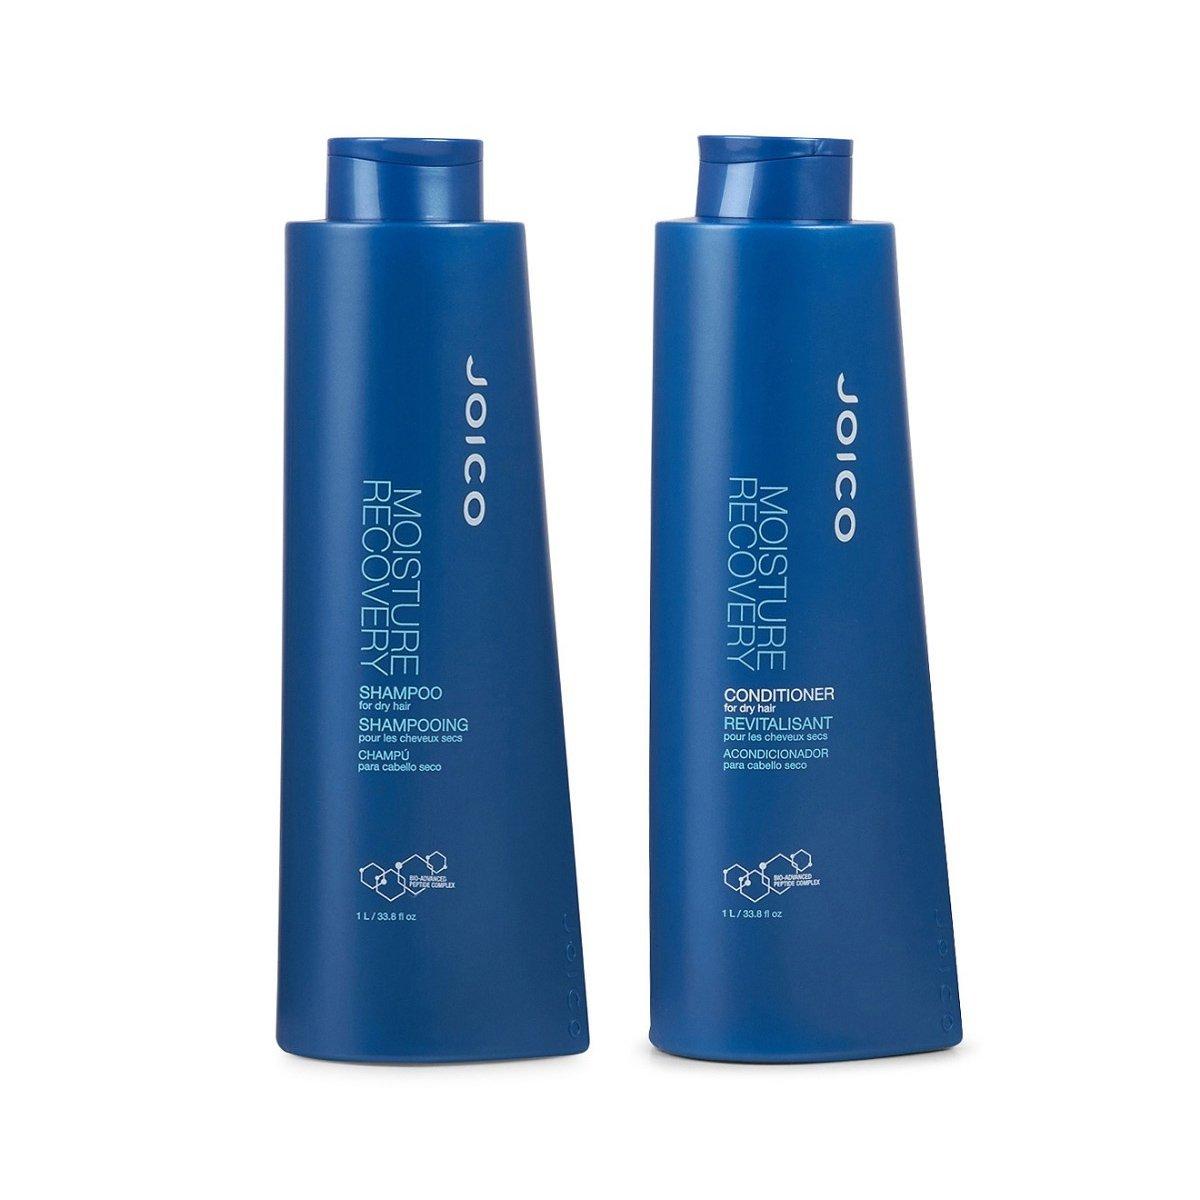 shampoo joico moisture recovery 1 litro kit 45136 2000 200544 1